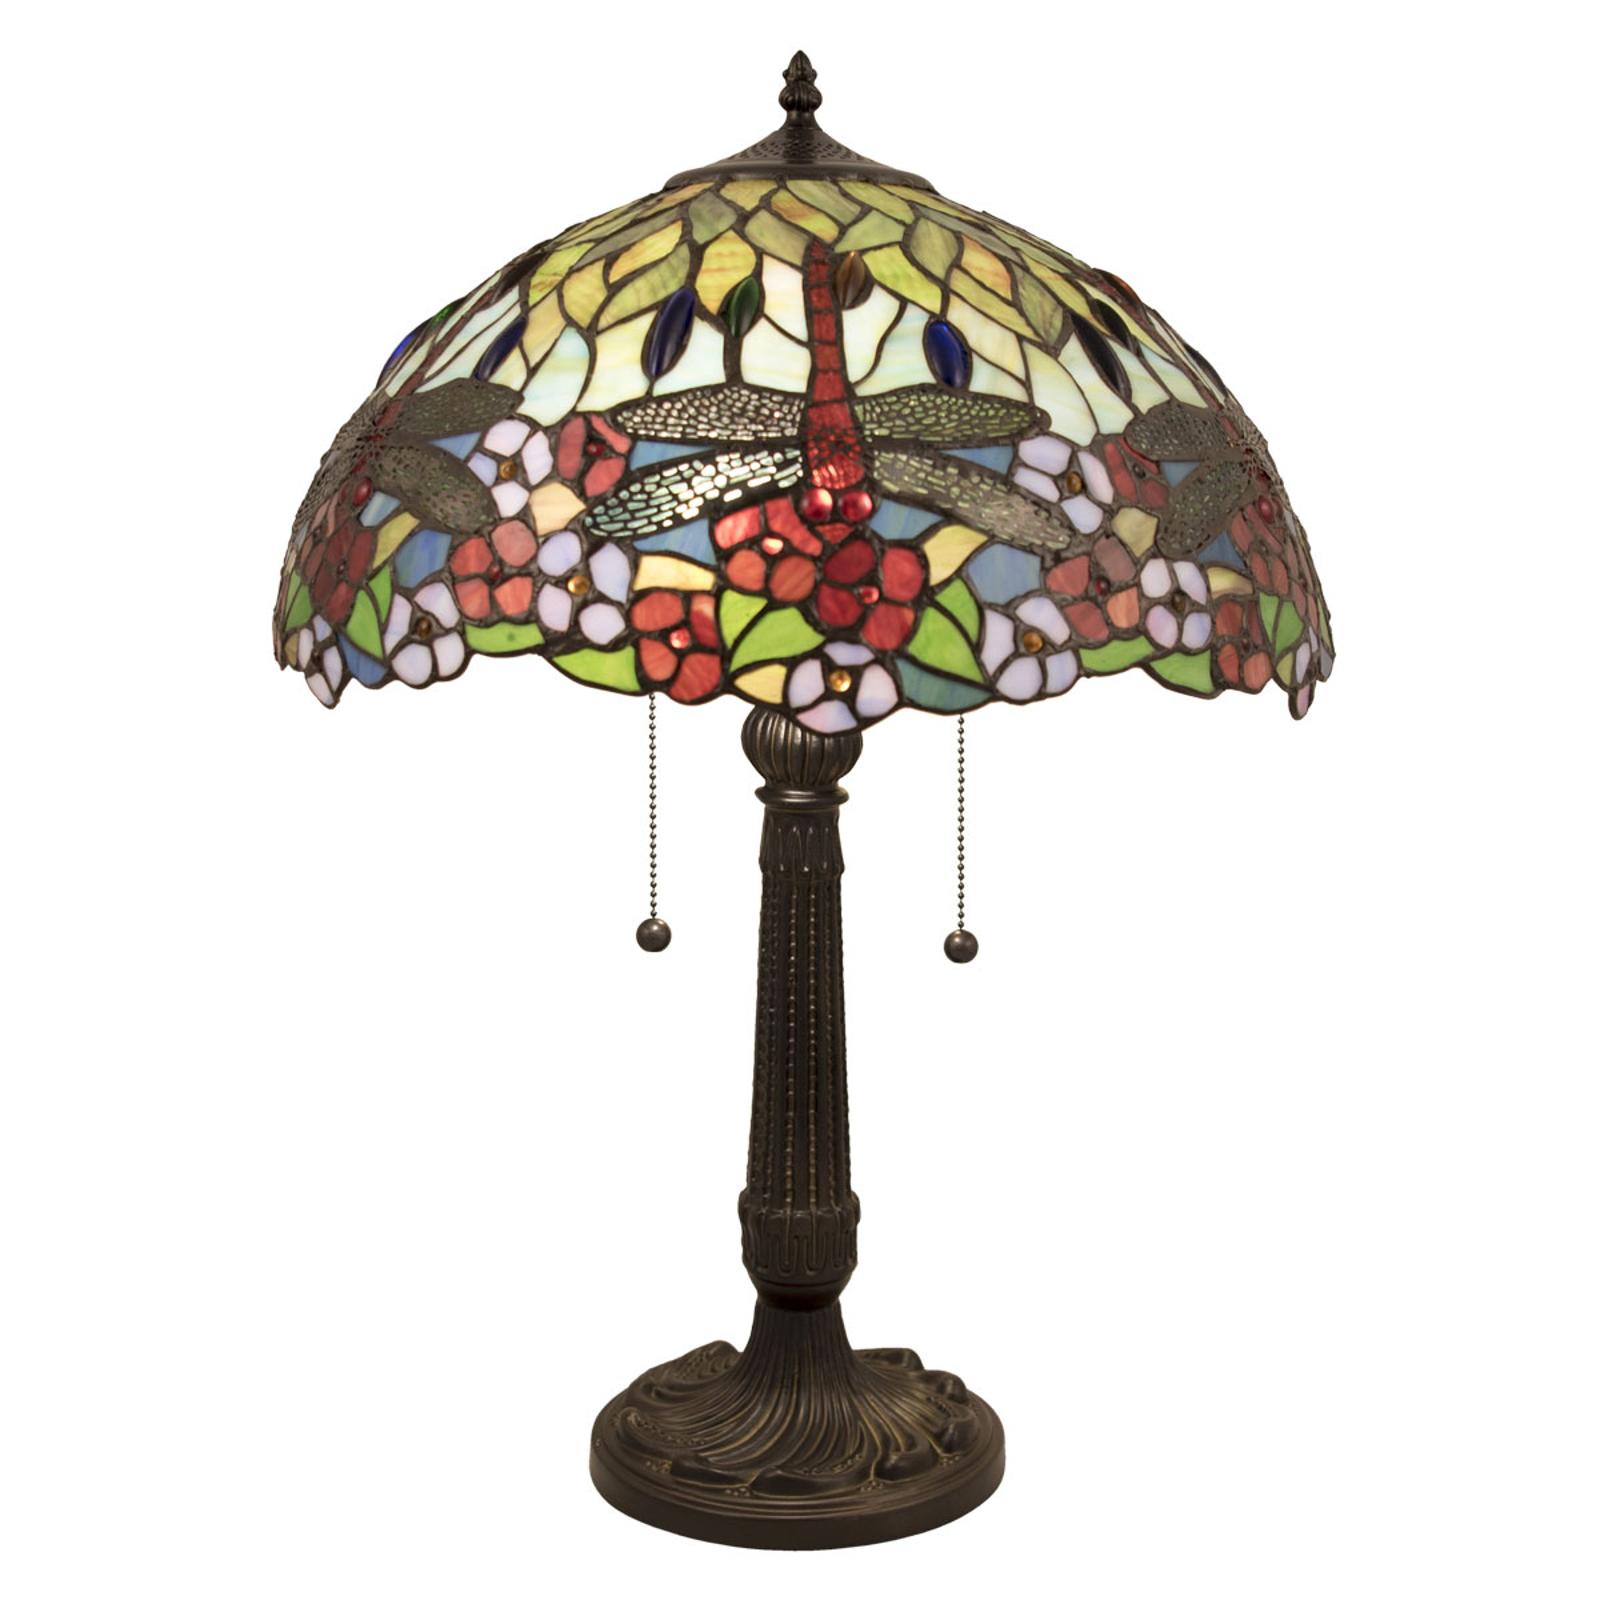 Tischlampe 5947 mit buntem Glasschirm